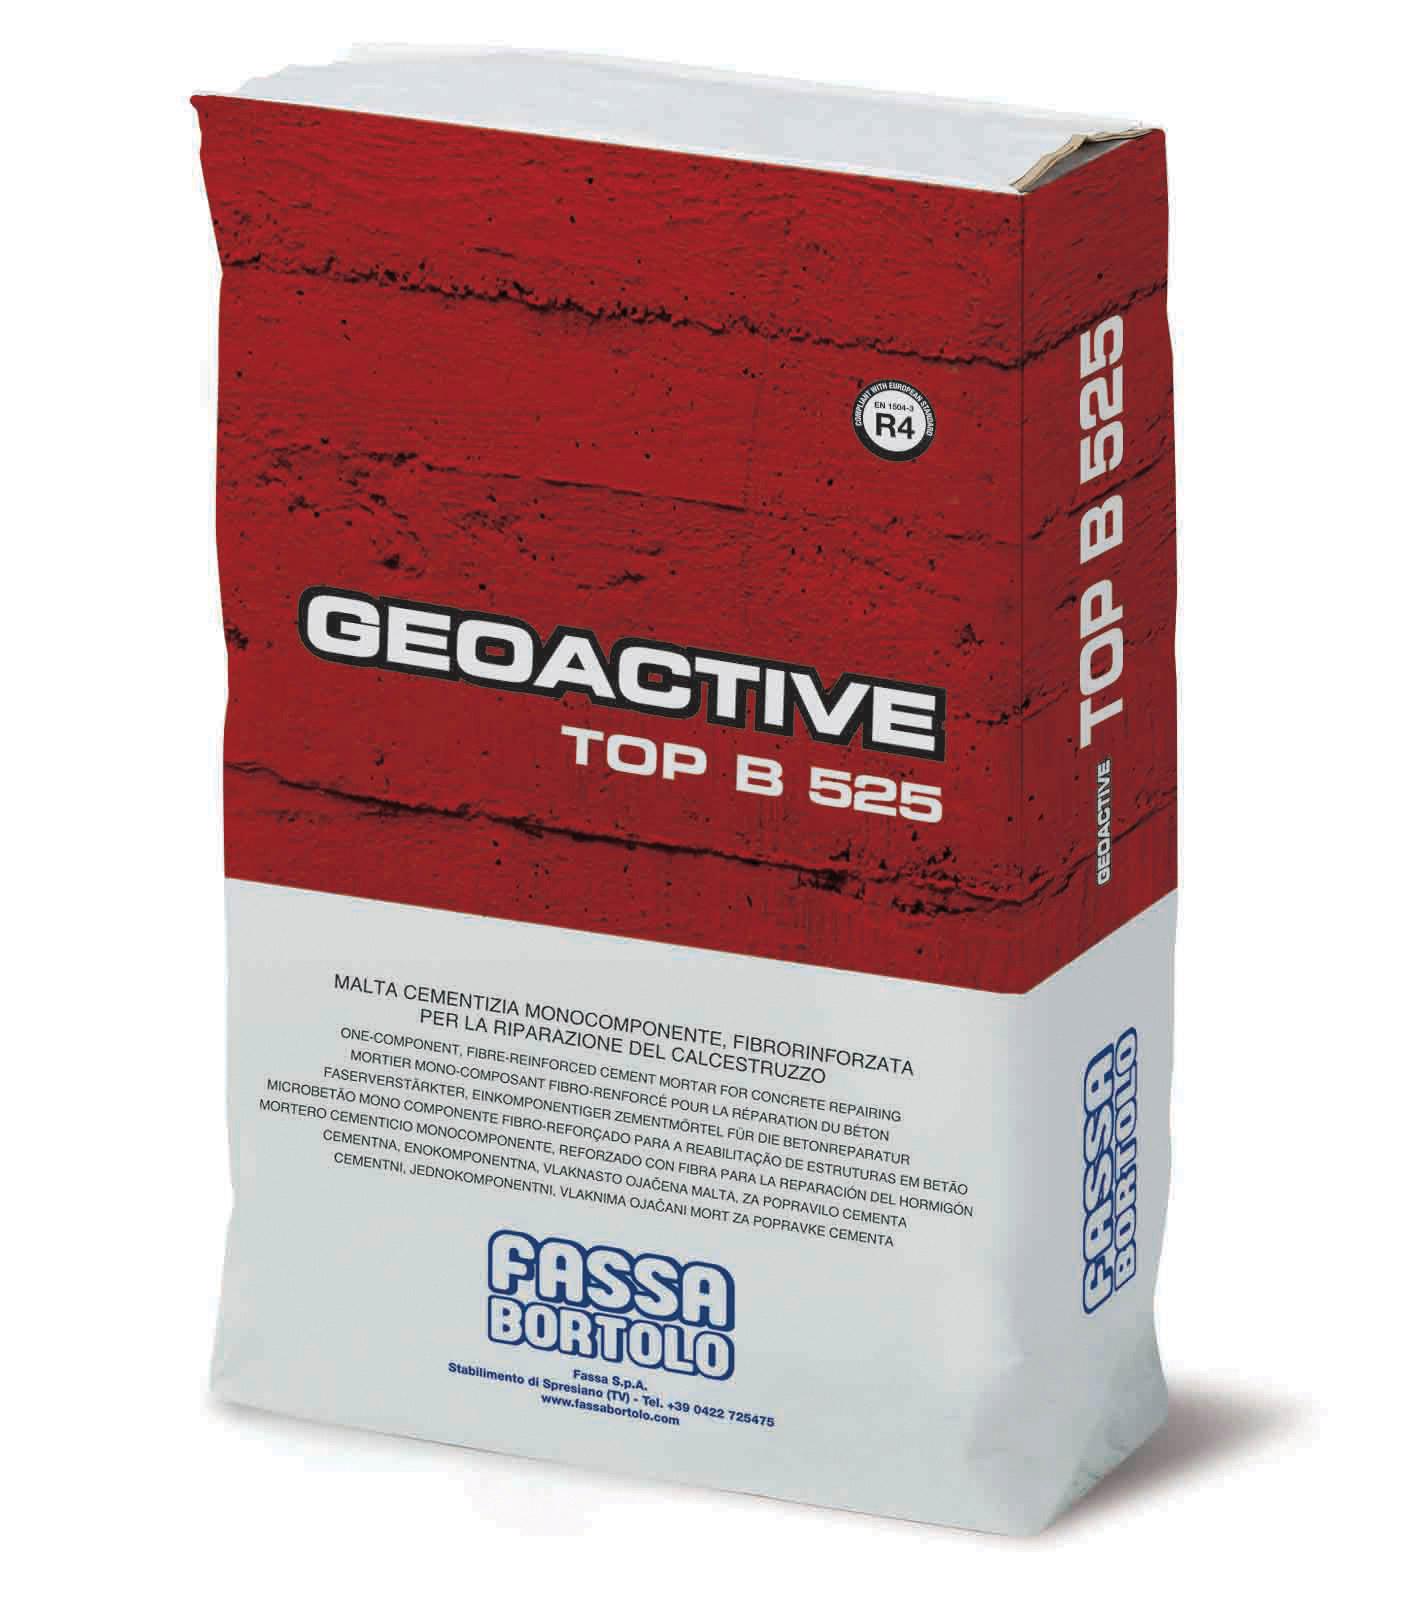 GEOACTIVE TOP B 525: Argamassa cimentícia monocomponente, tixotrópica, fibrorreforçada, de retração compensada, com cimento resistente aos sulfatos, pulverizável, para a reparação e reconstrução de estruturas de betão